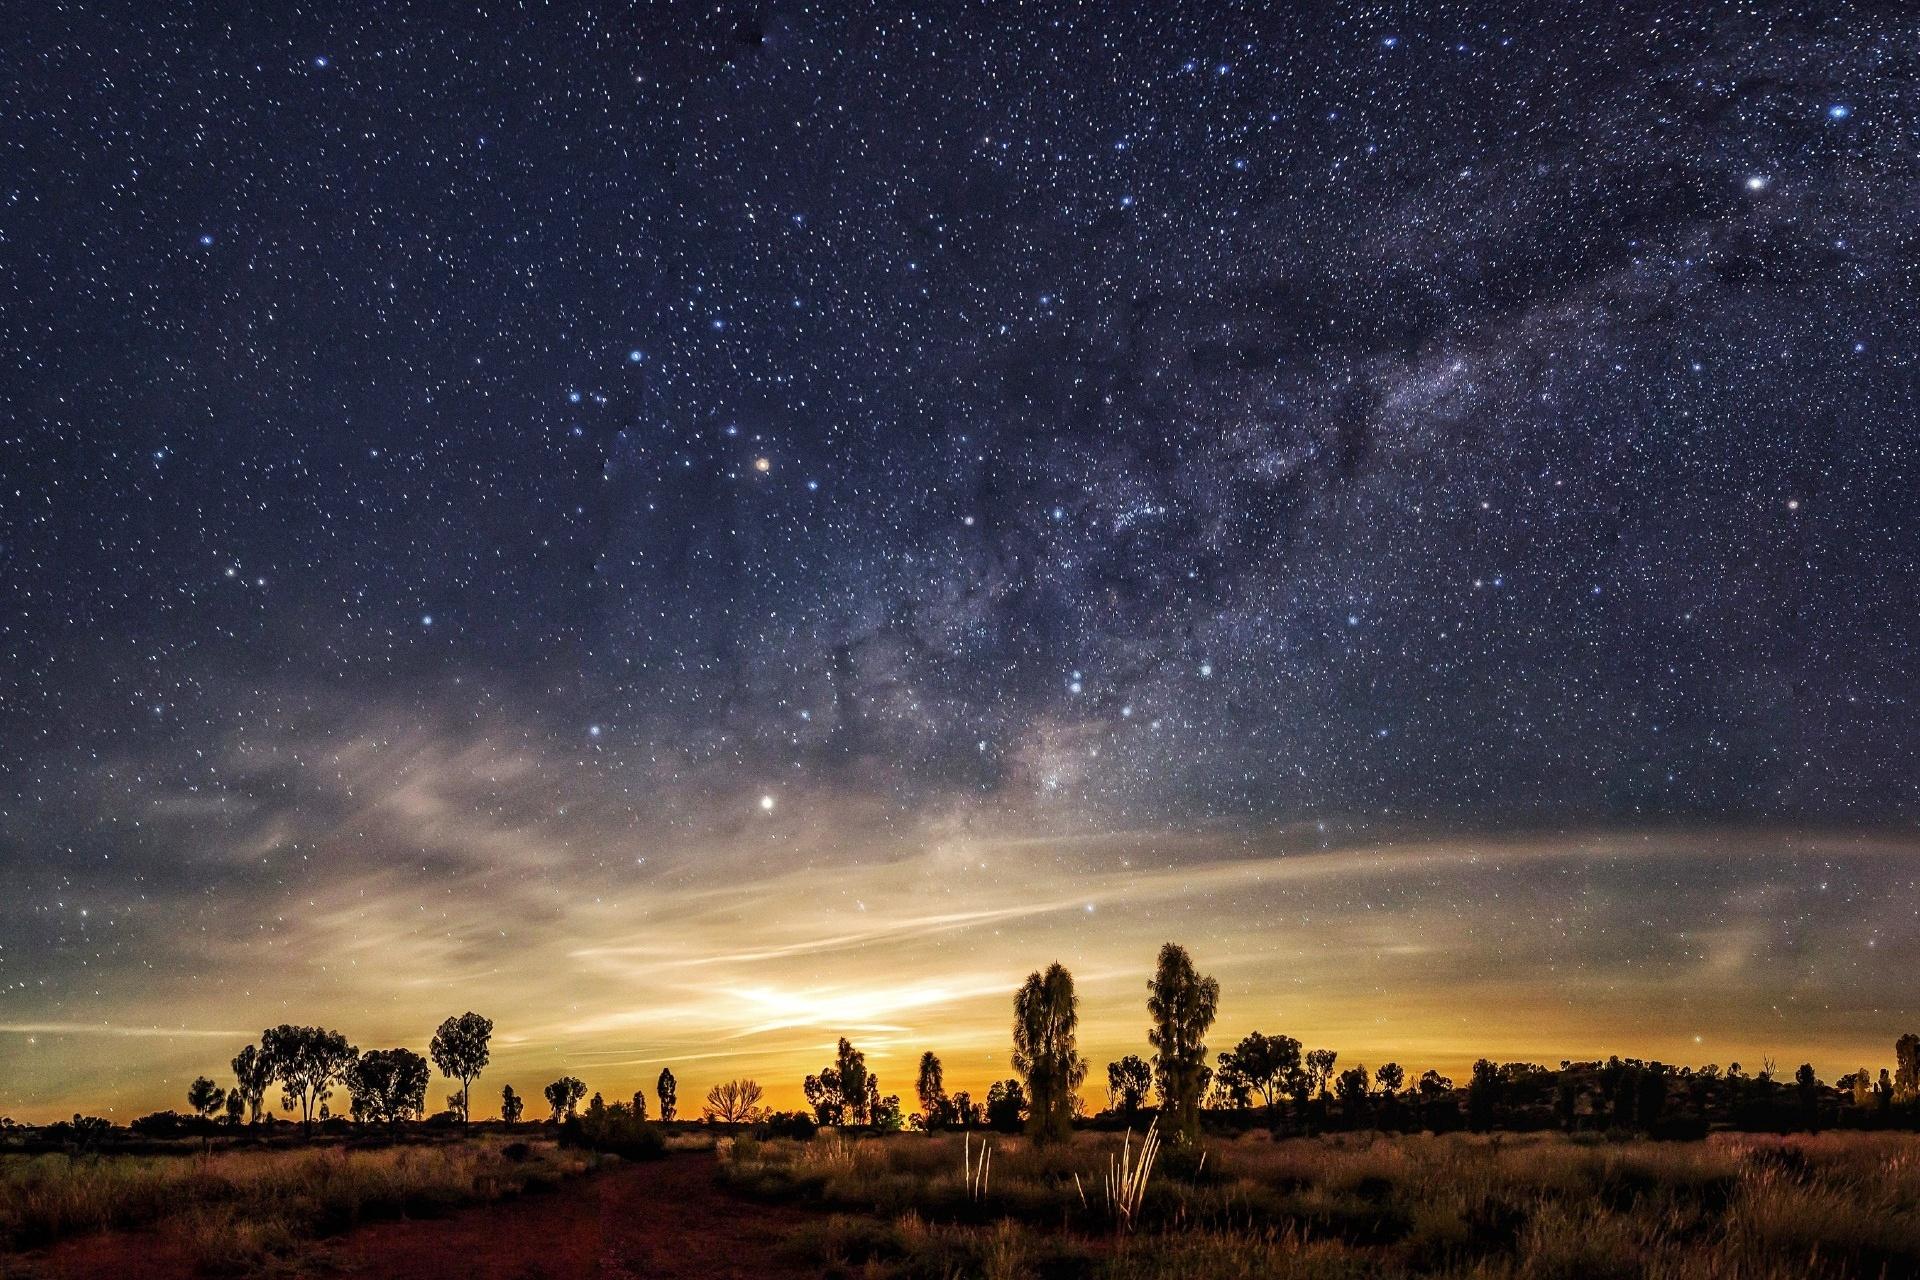 天の川と満天の星空 オーストラリアの夜の風景